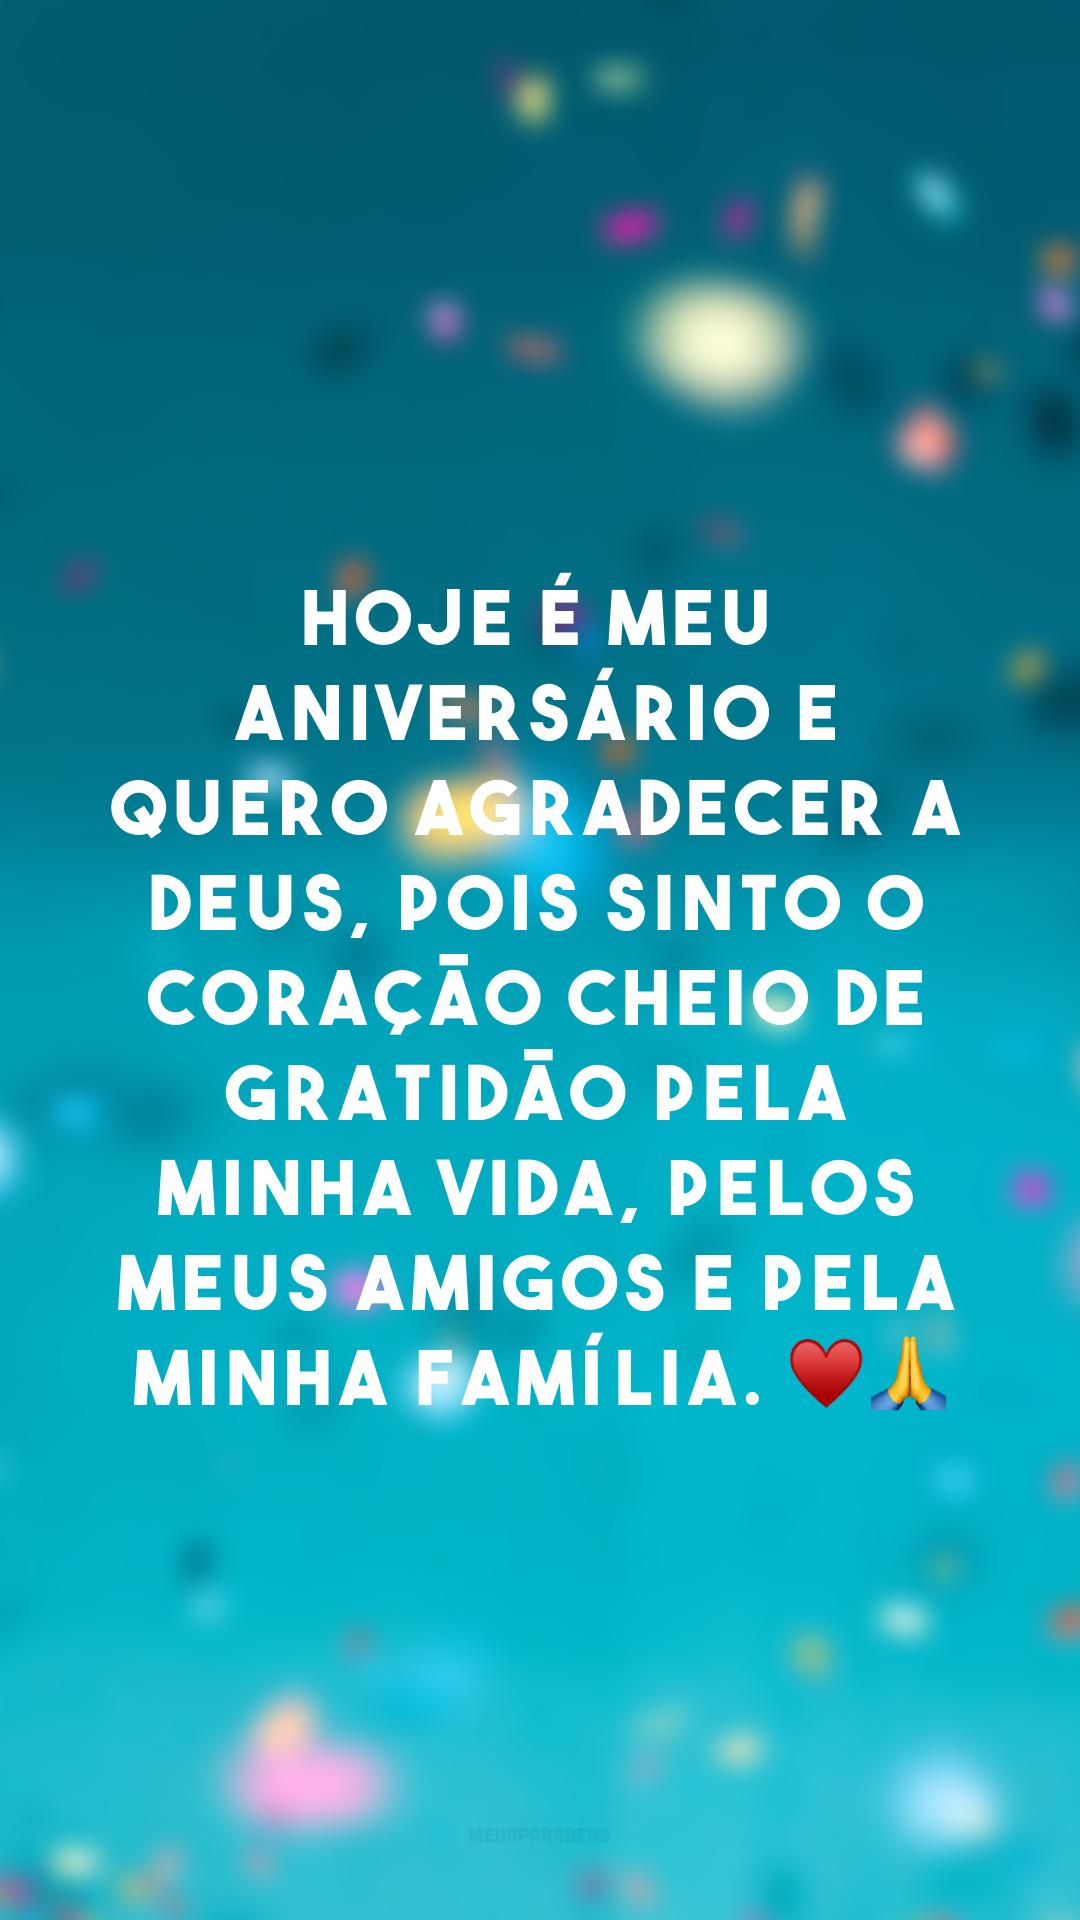 Hoje é meu aniversário e quero agradecer a Deus, pois sinto o coração cheio de gratidão pela minha vida, pelos meus amigos e pela minha família. ♥?